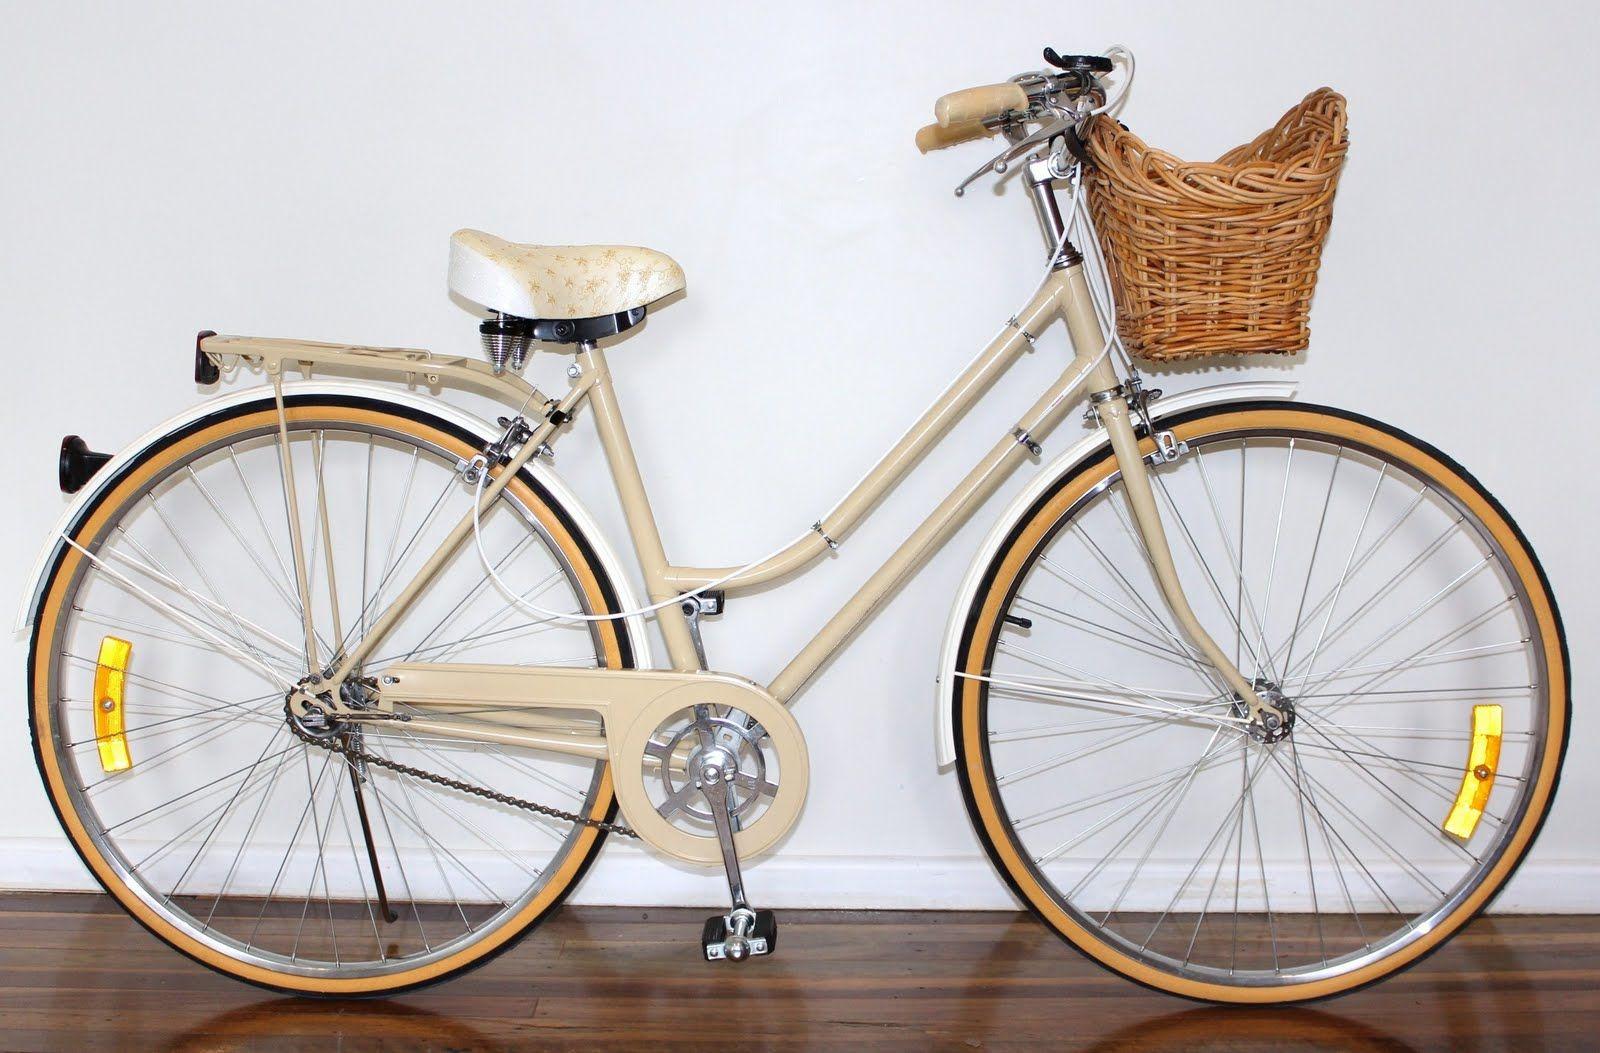 партнеров ретро велосипед фото тела были извлечены